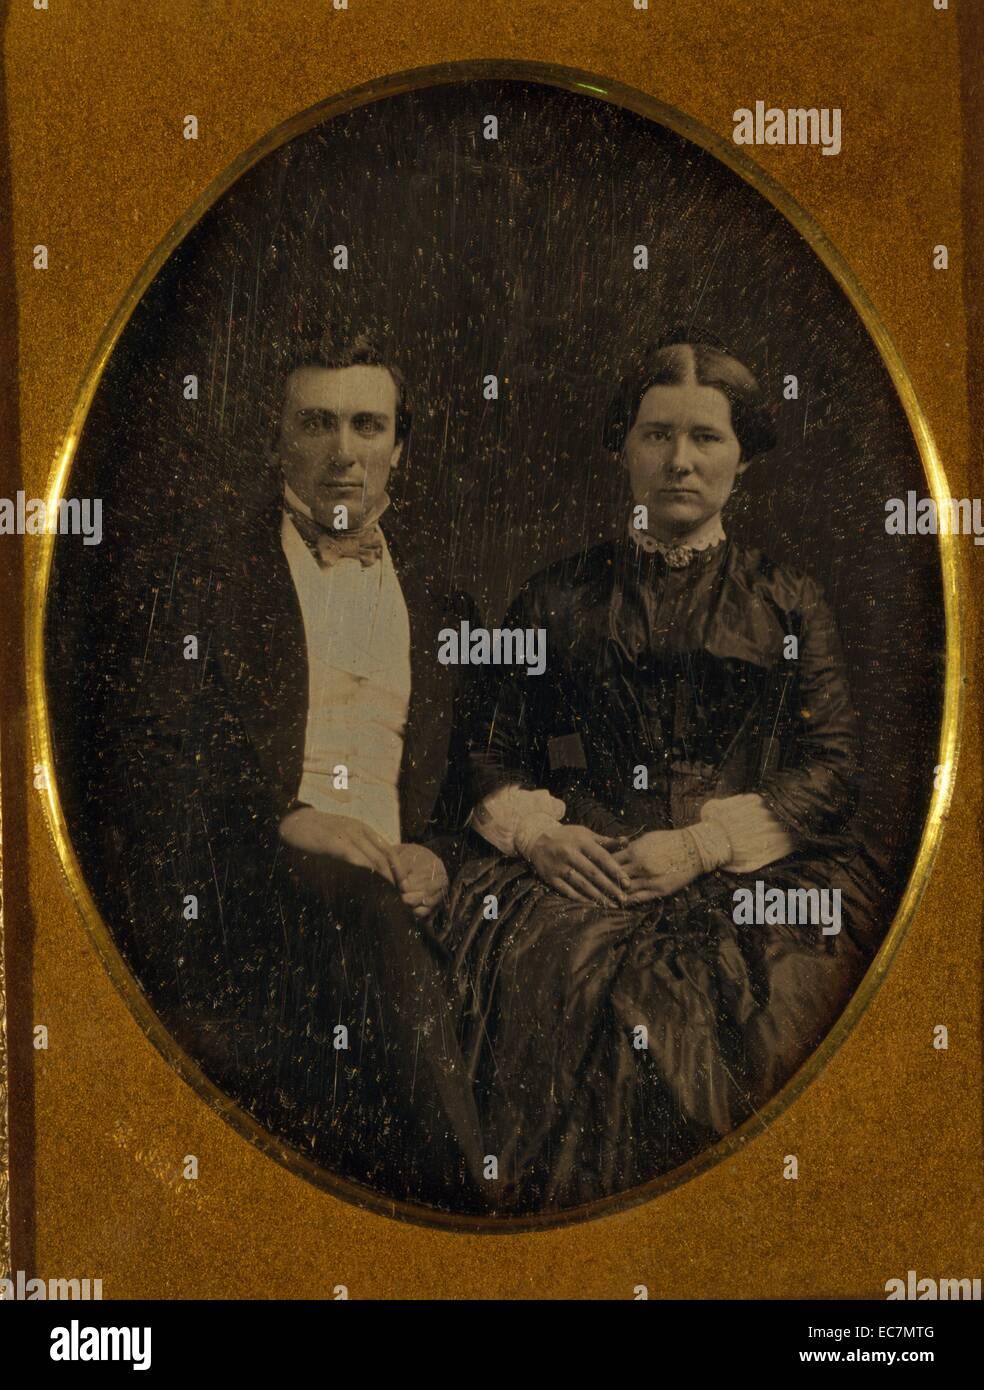 L'homme et la femme non identifiés, trois-quarts portrait en pied, assis Photo Stock